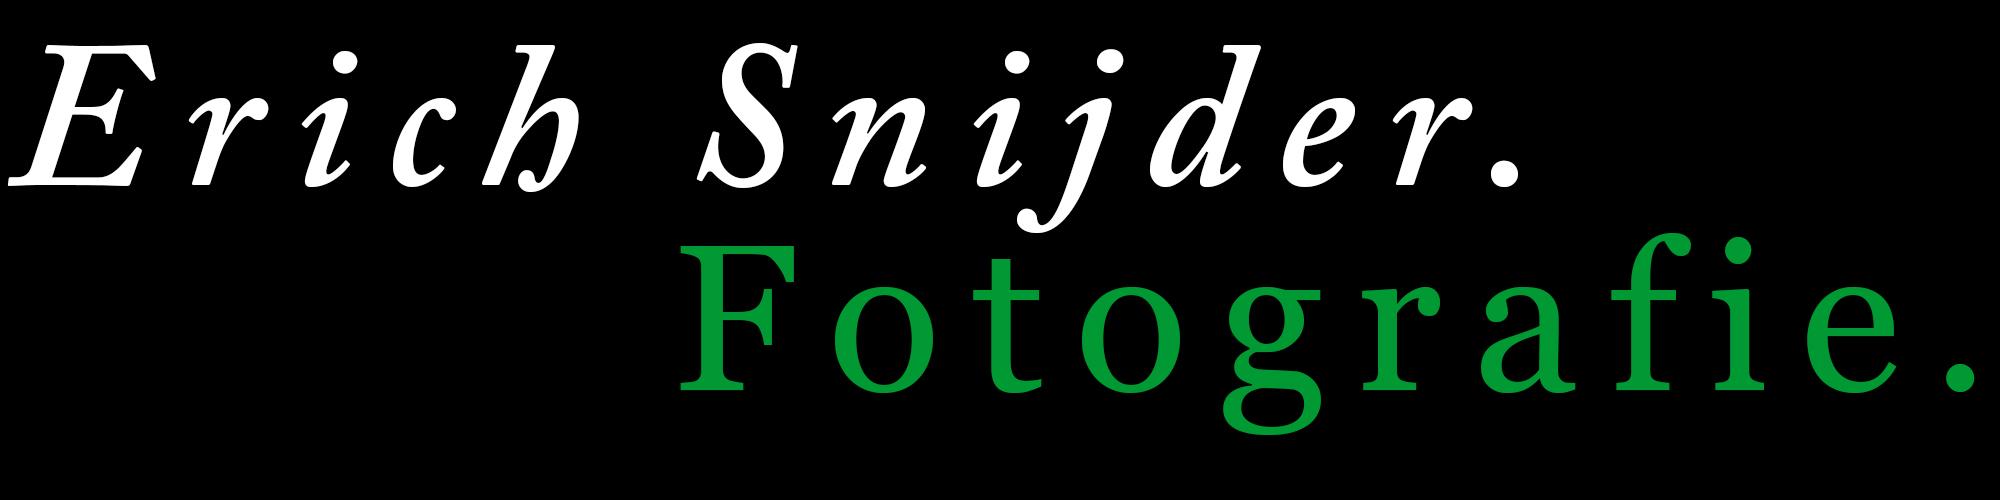 Erich Snijder Fotografie.